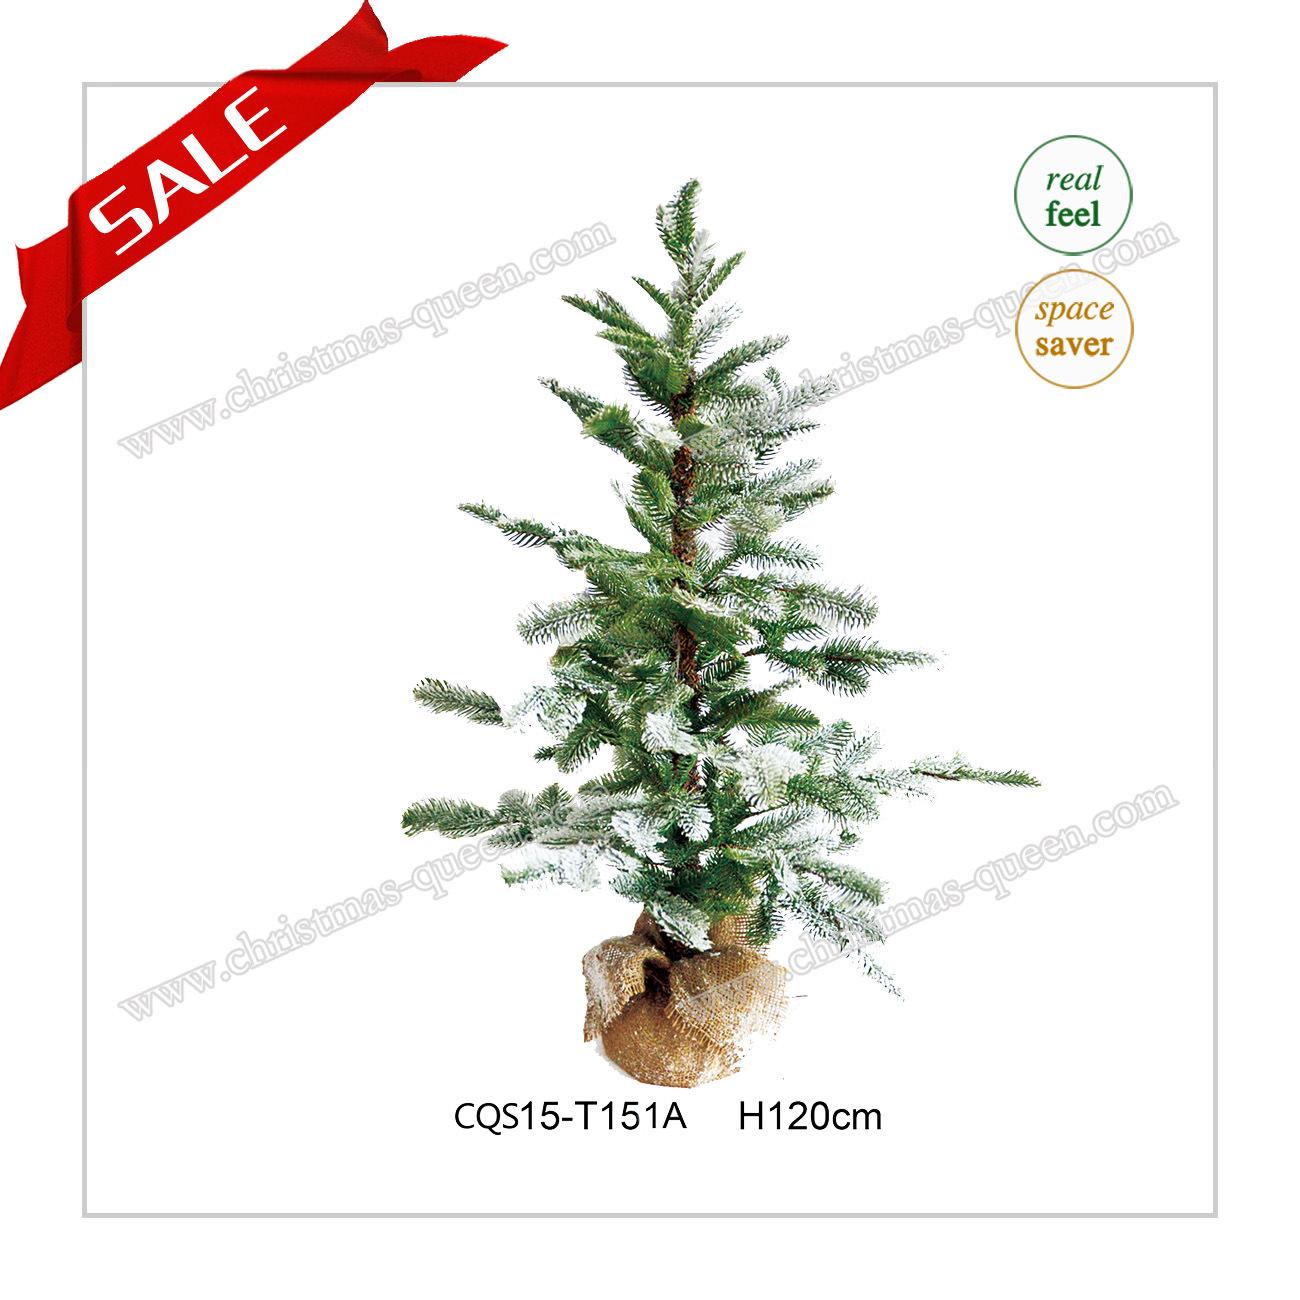 H40-140cm Christmas Decoration Garden Ornament Artificial Plastic Home Decoration